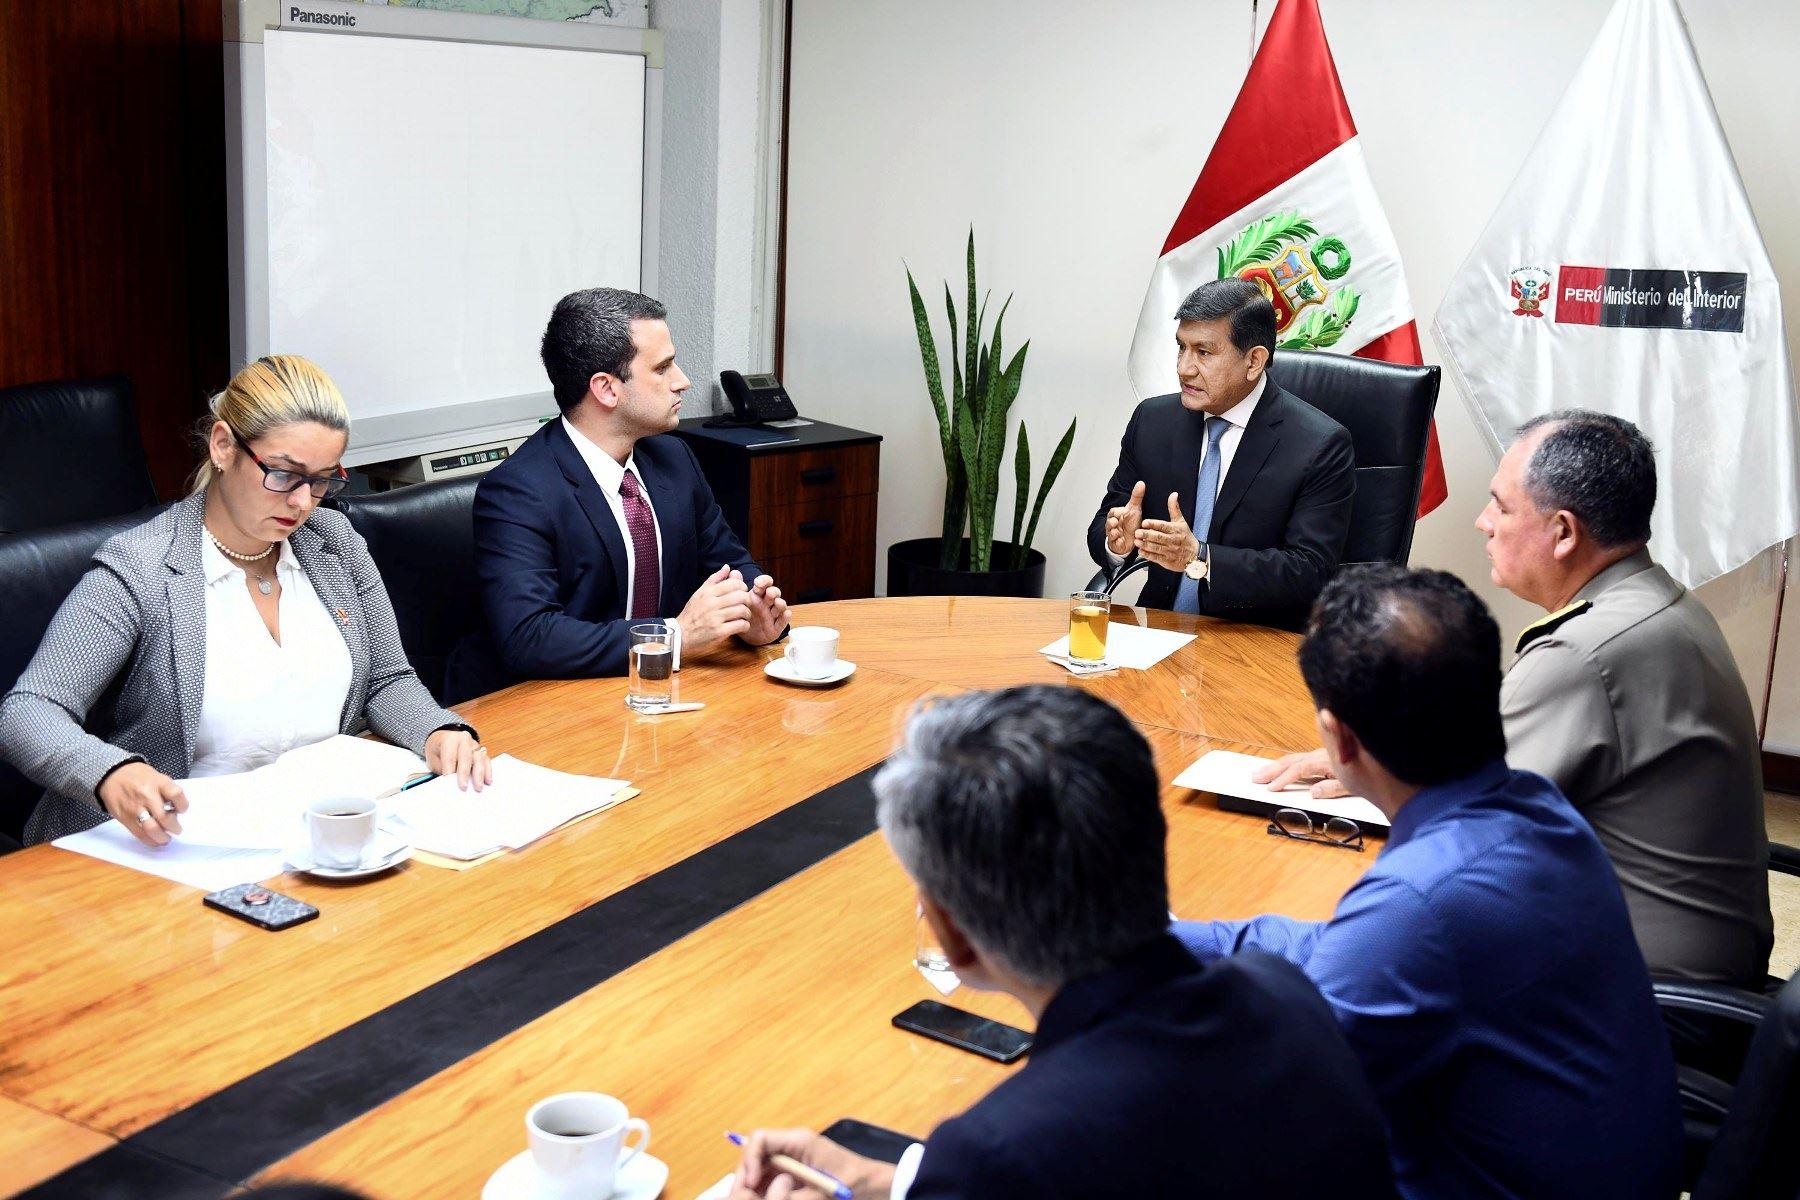 El ministro del Interior, Carlos Morán, se reunió con el embajador de Venezuela en Perú, Carlos Scull, para hablar sobre la situación de los venezolanos en Perú. Foto: ANDINA/difusión.